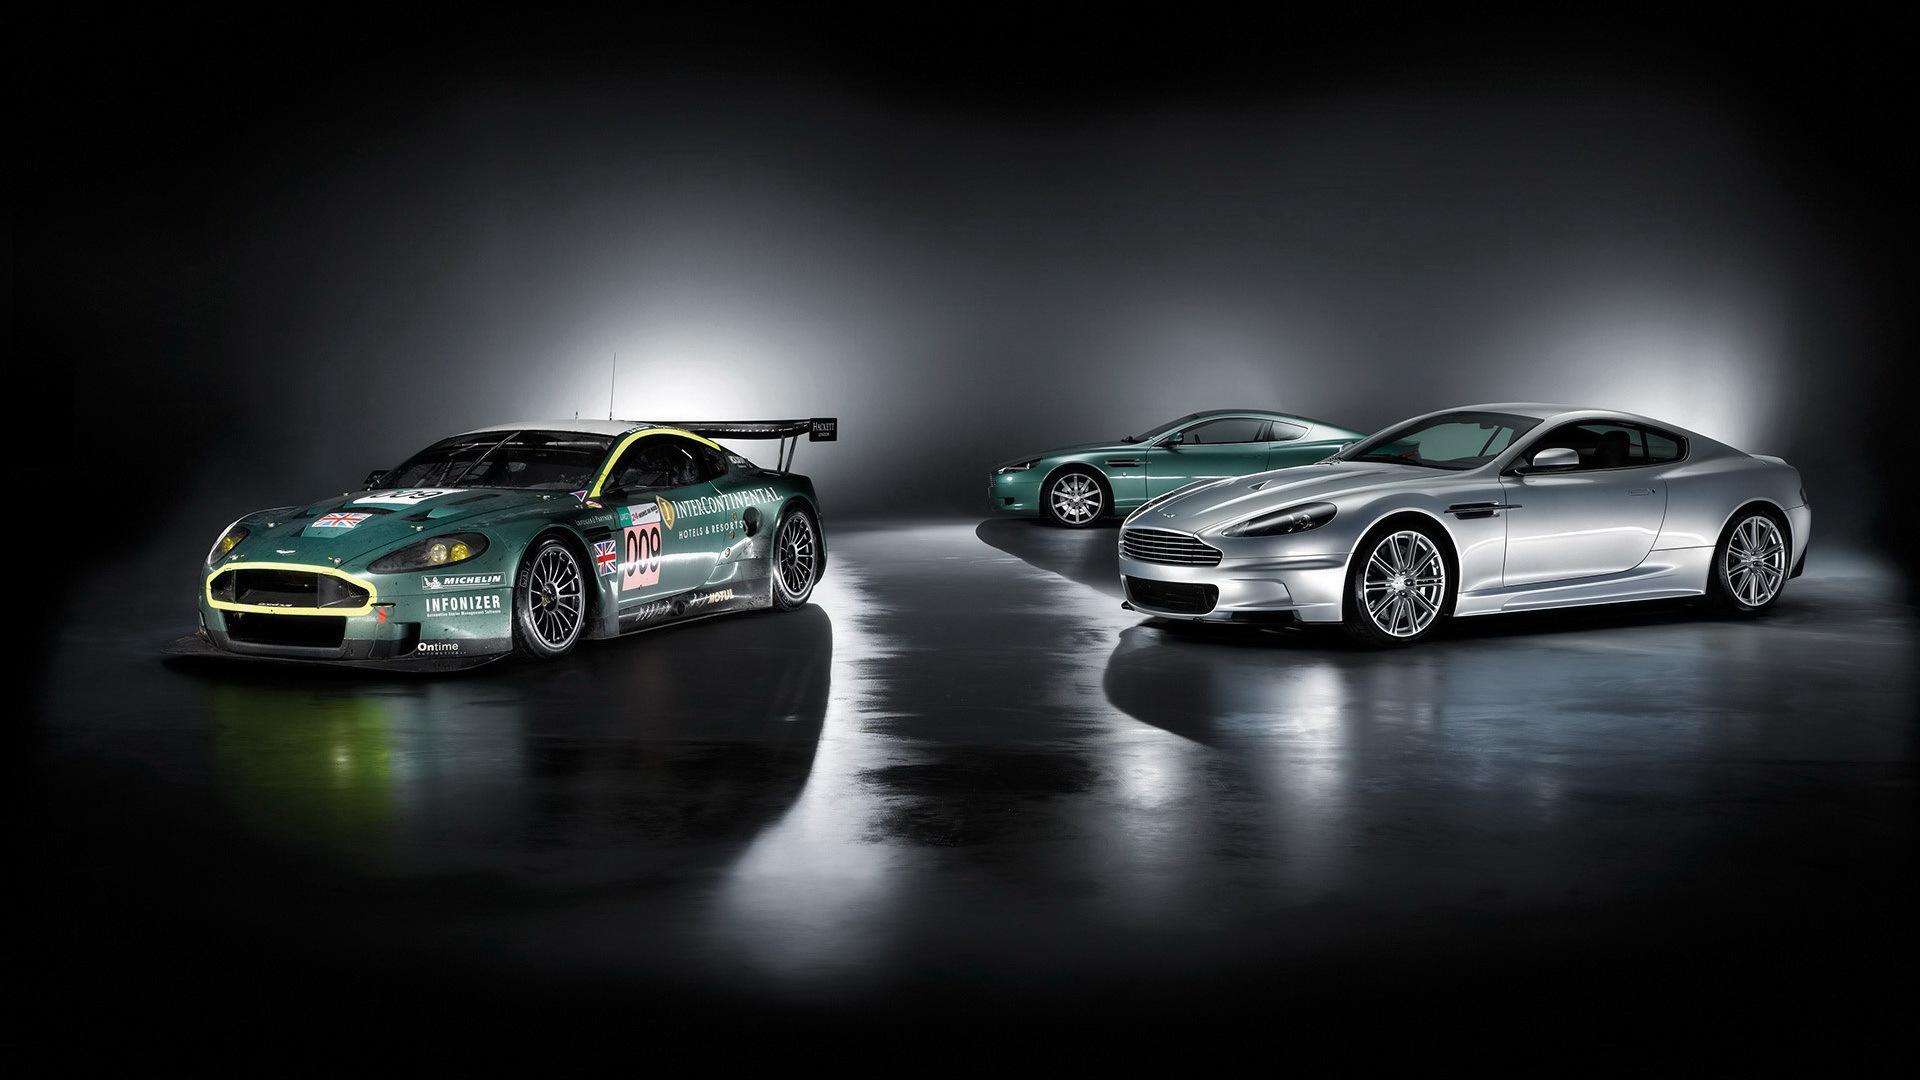 35936 скачать обои Транспорт, Машины, Астон Мартин (Aston Martin) - заставки и картинки бесплатно